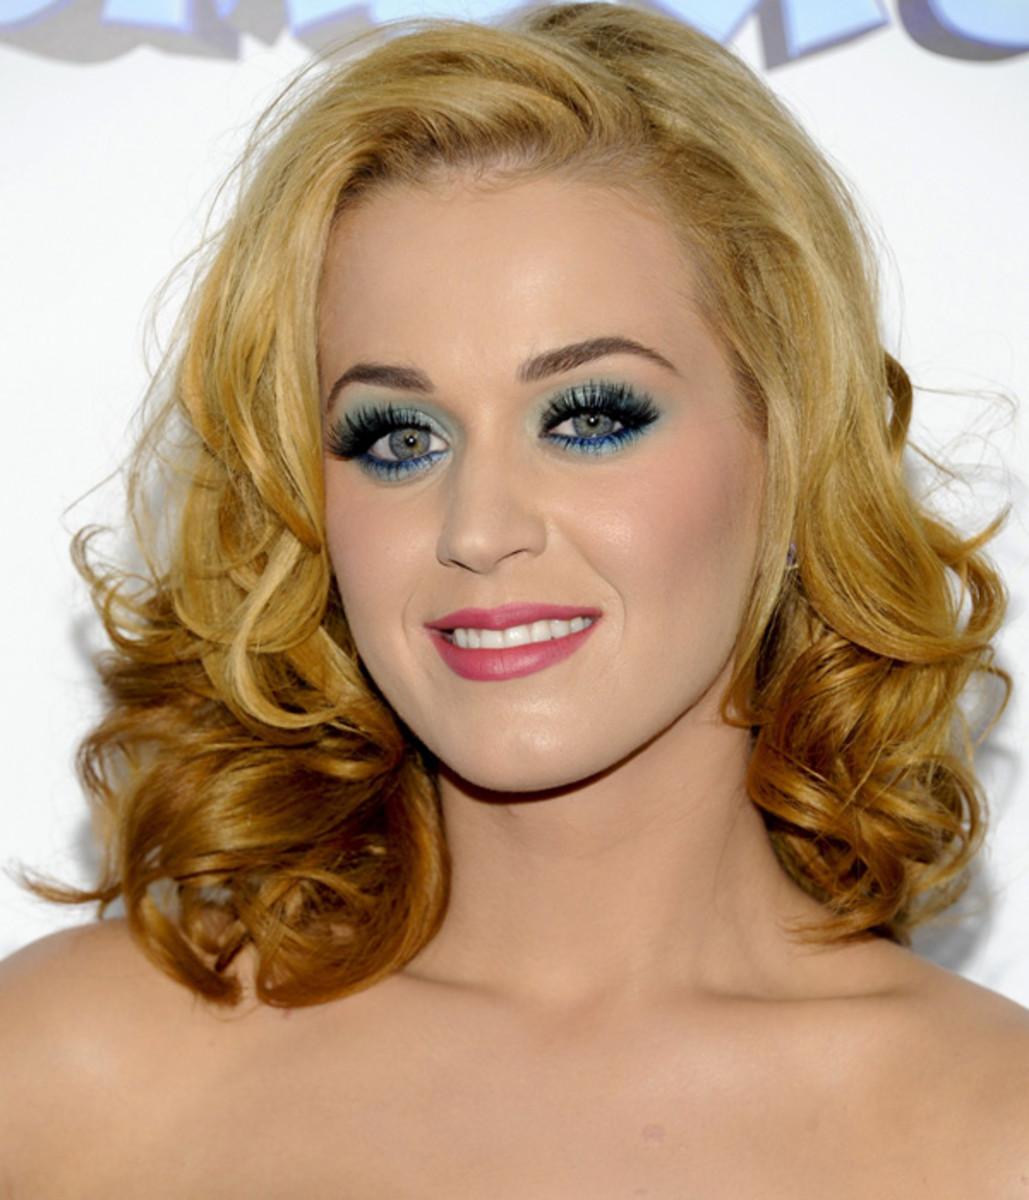 Katy-Perry-Smurfs-premiere-2011